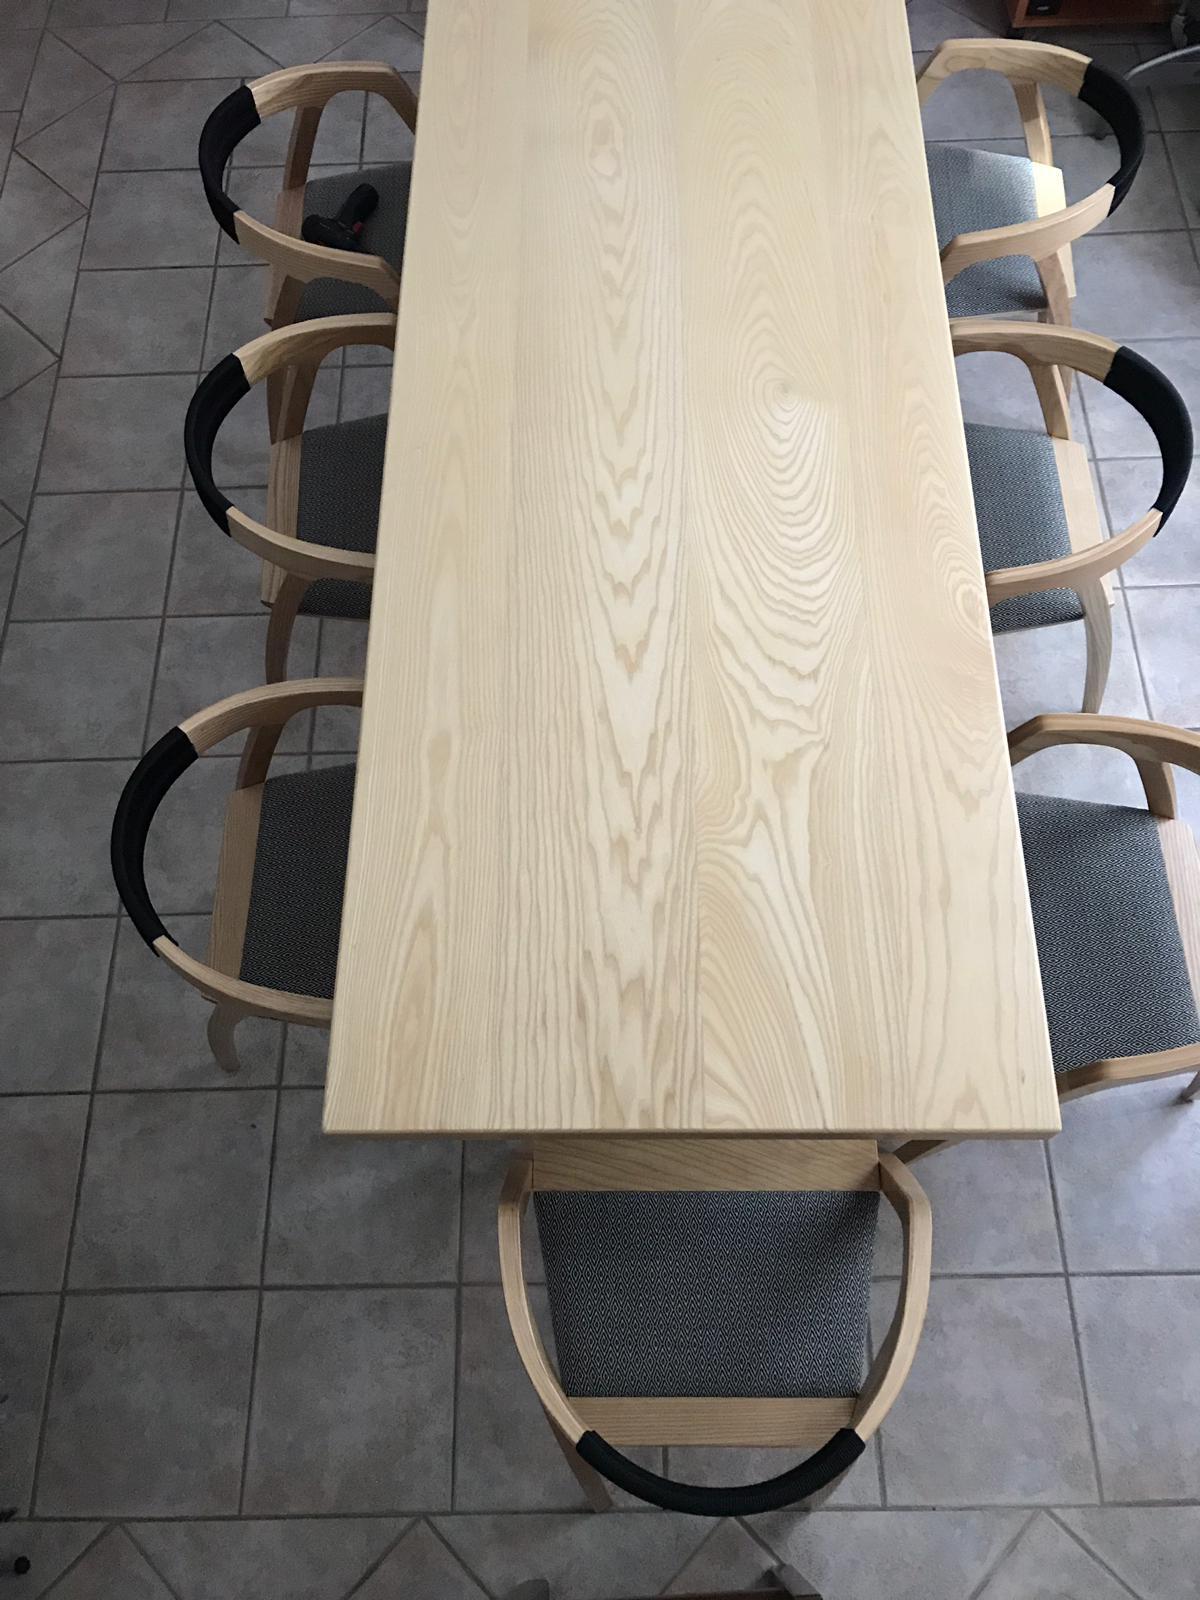 Tavolo in legno massello frassino verniciatura naturale e struttura in acciaio nero opaco. Sedie in frassino con fondelli in tessuto realizzati al telaio a mano